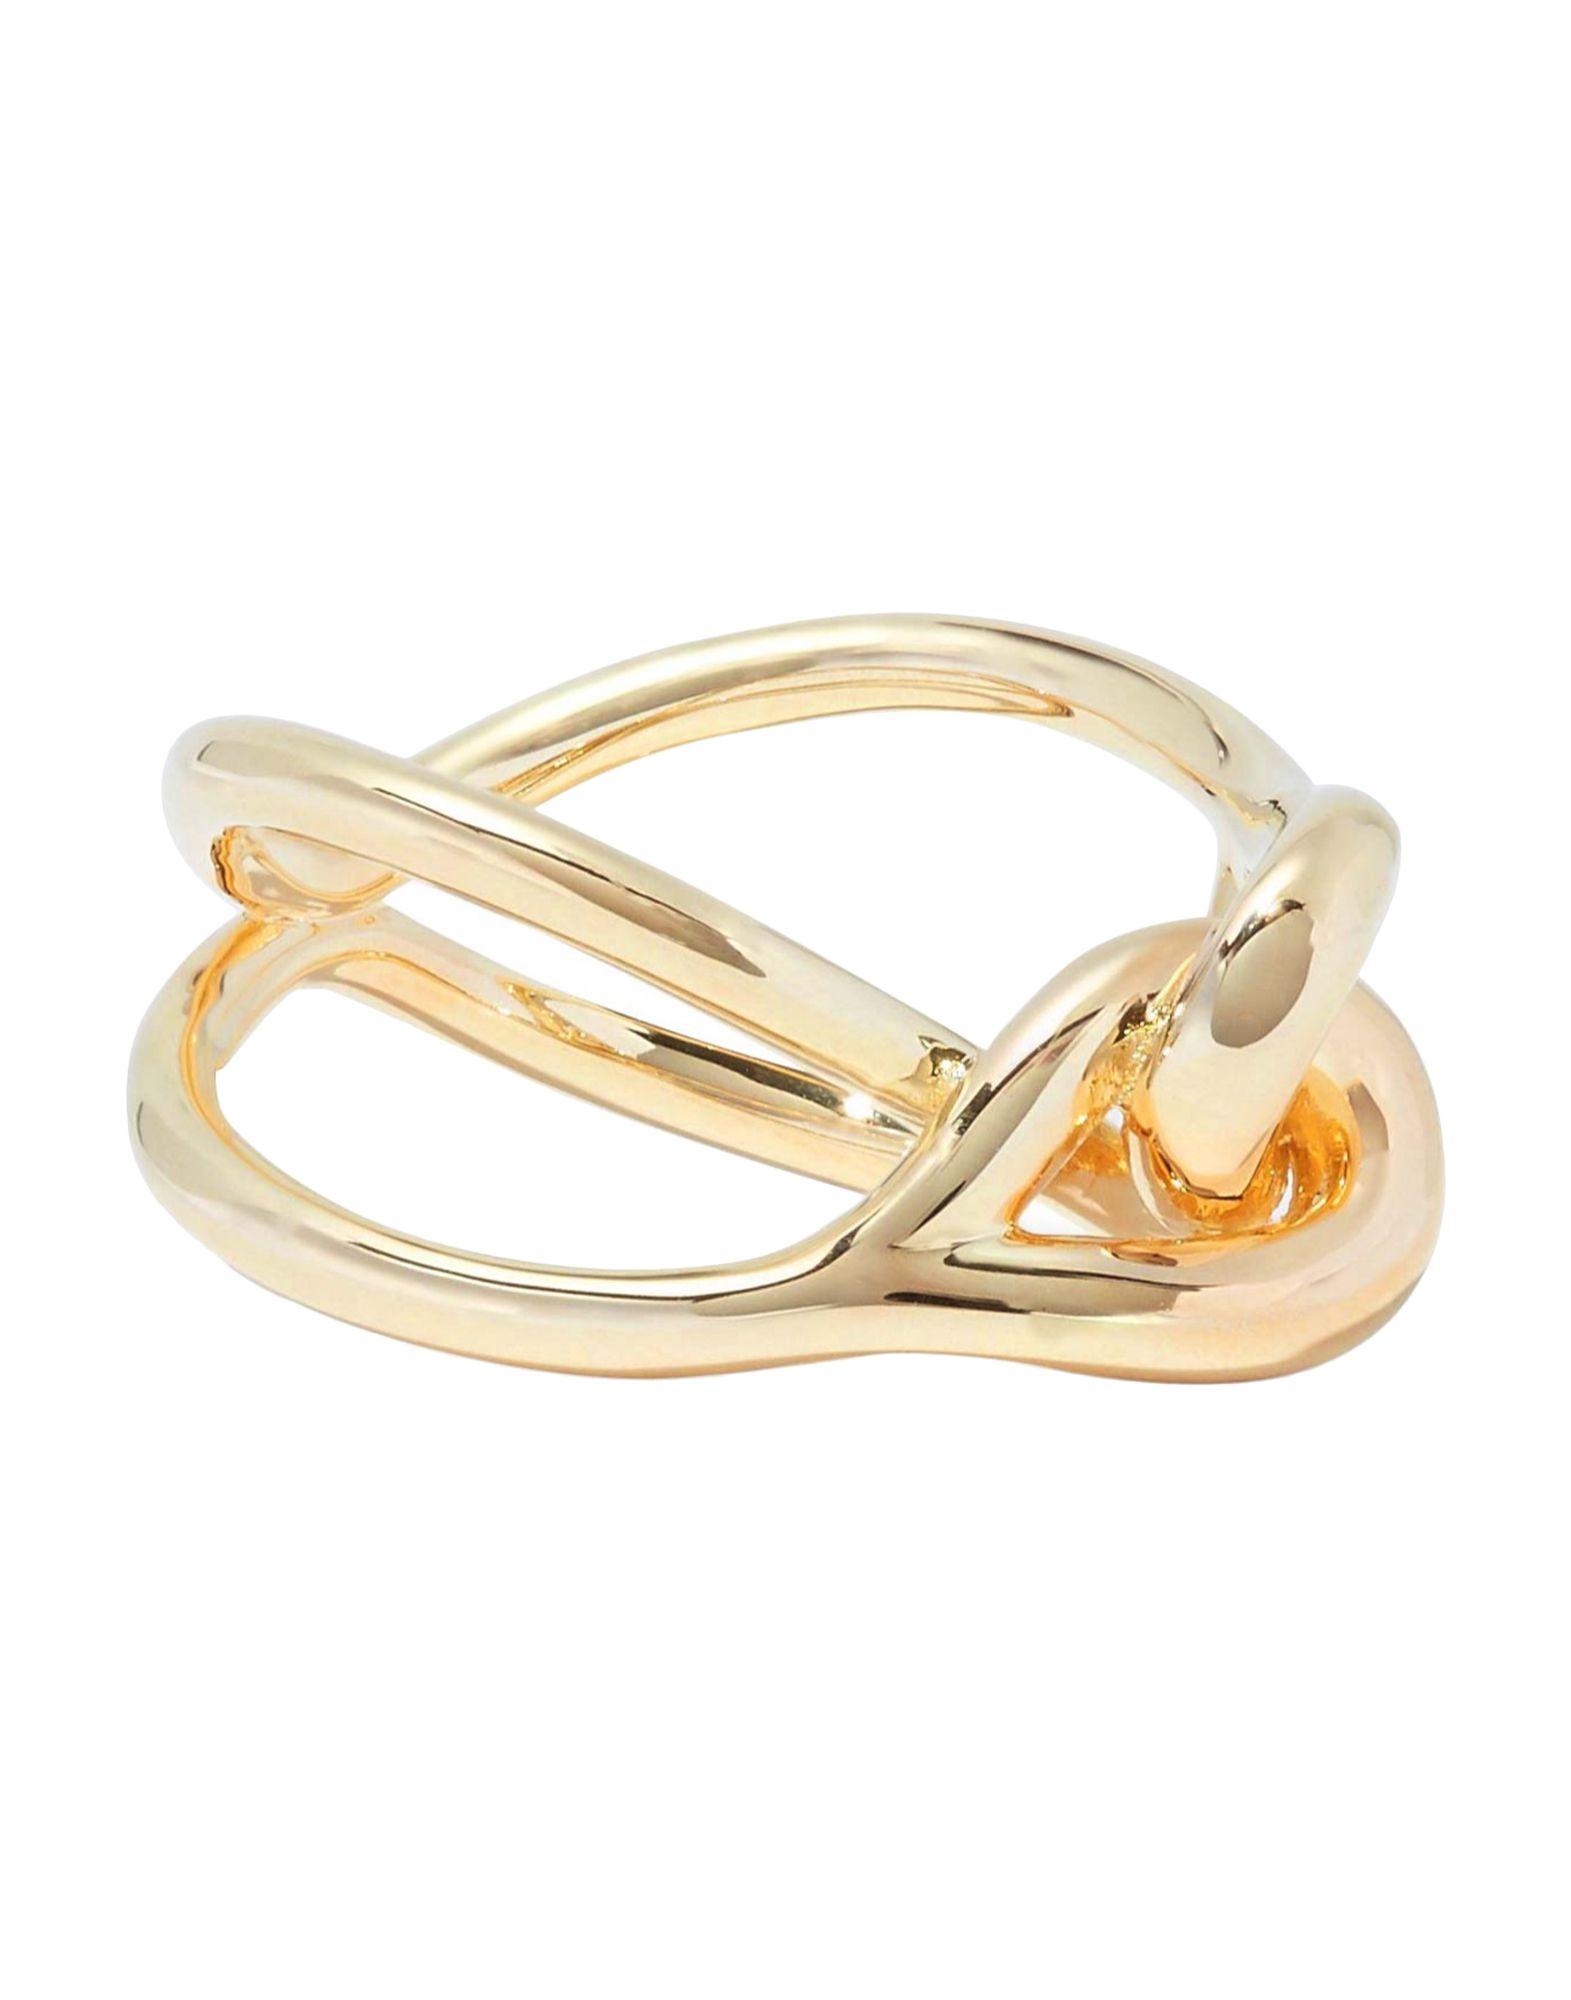 《期間限定セール中》ELIZABETH AND JAMES レディース 指輪 ゴールド 6 金属